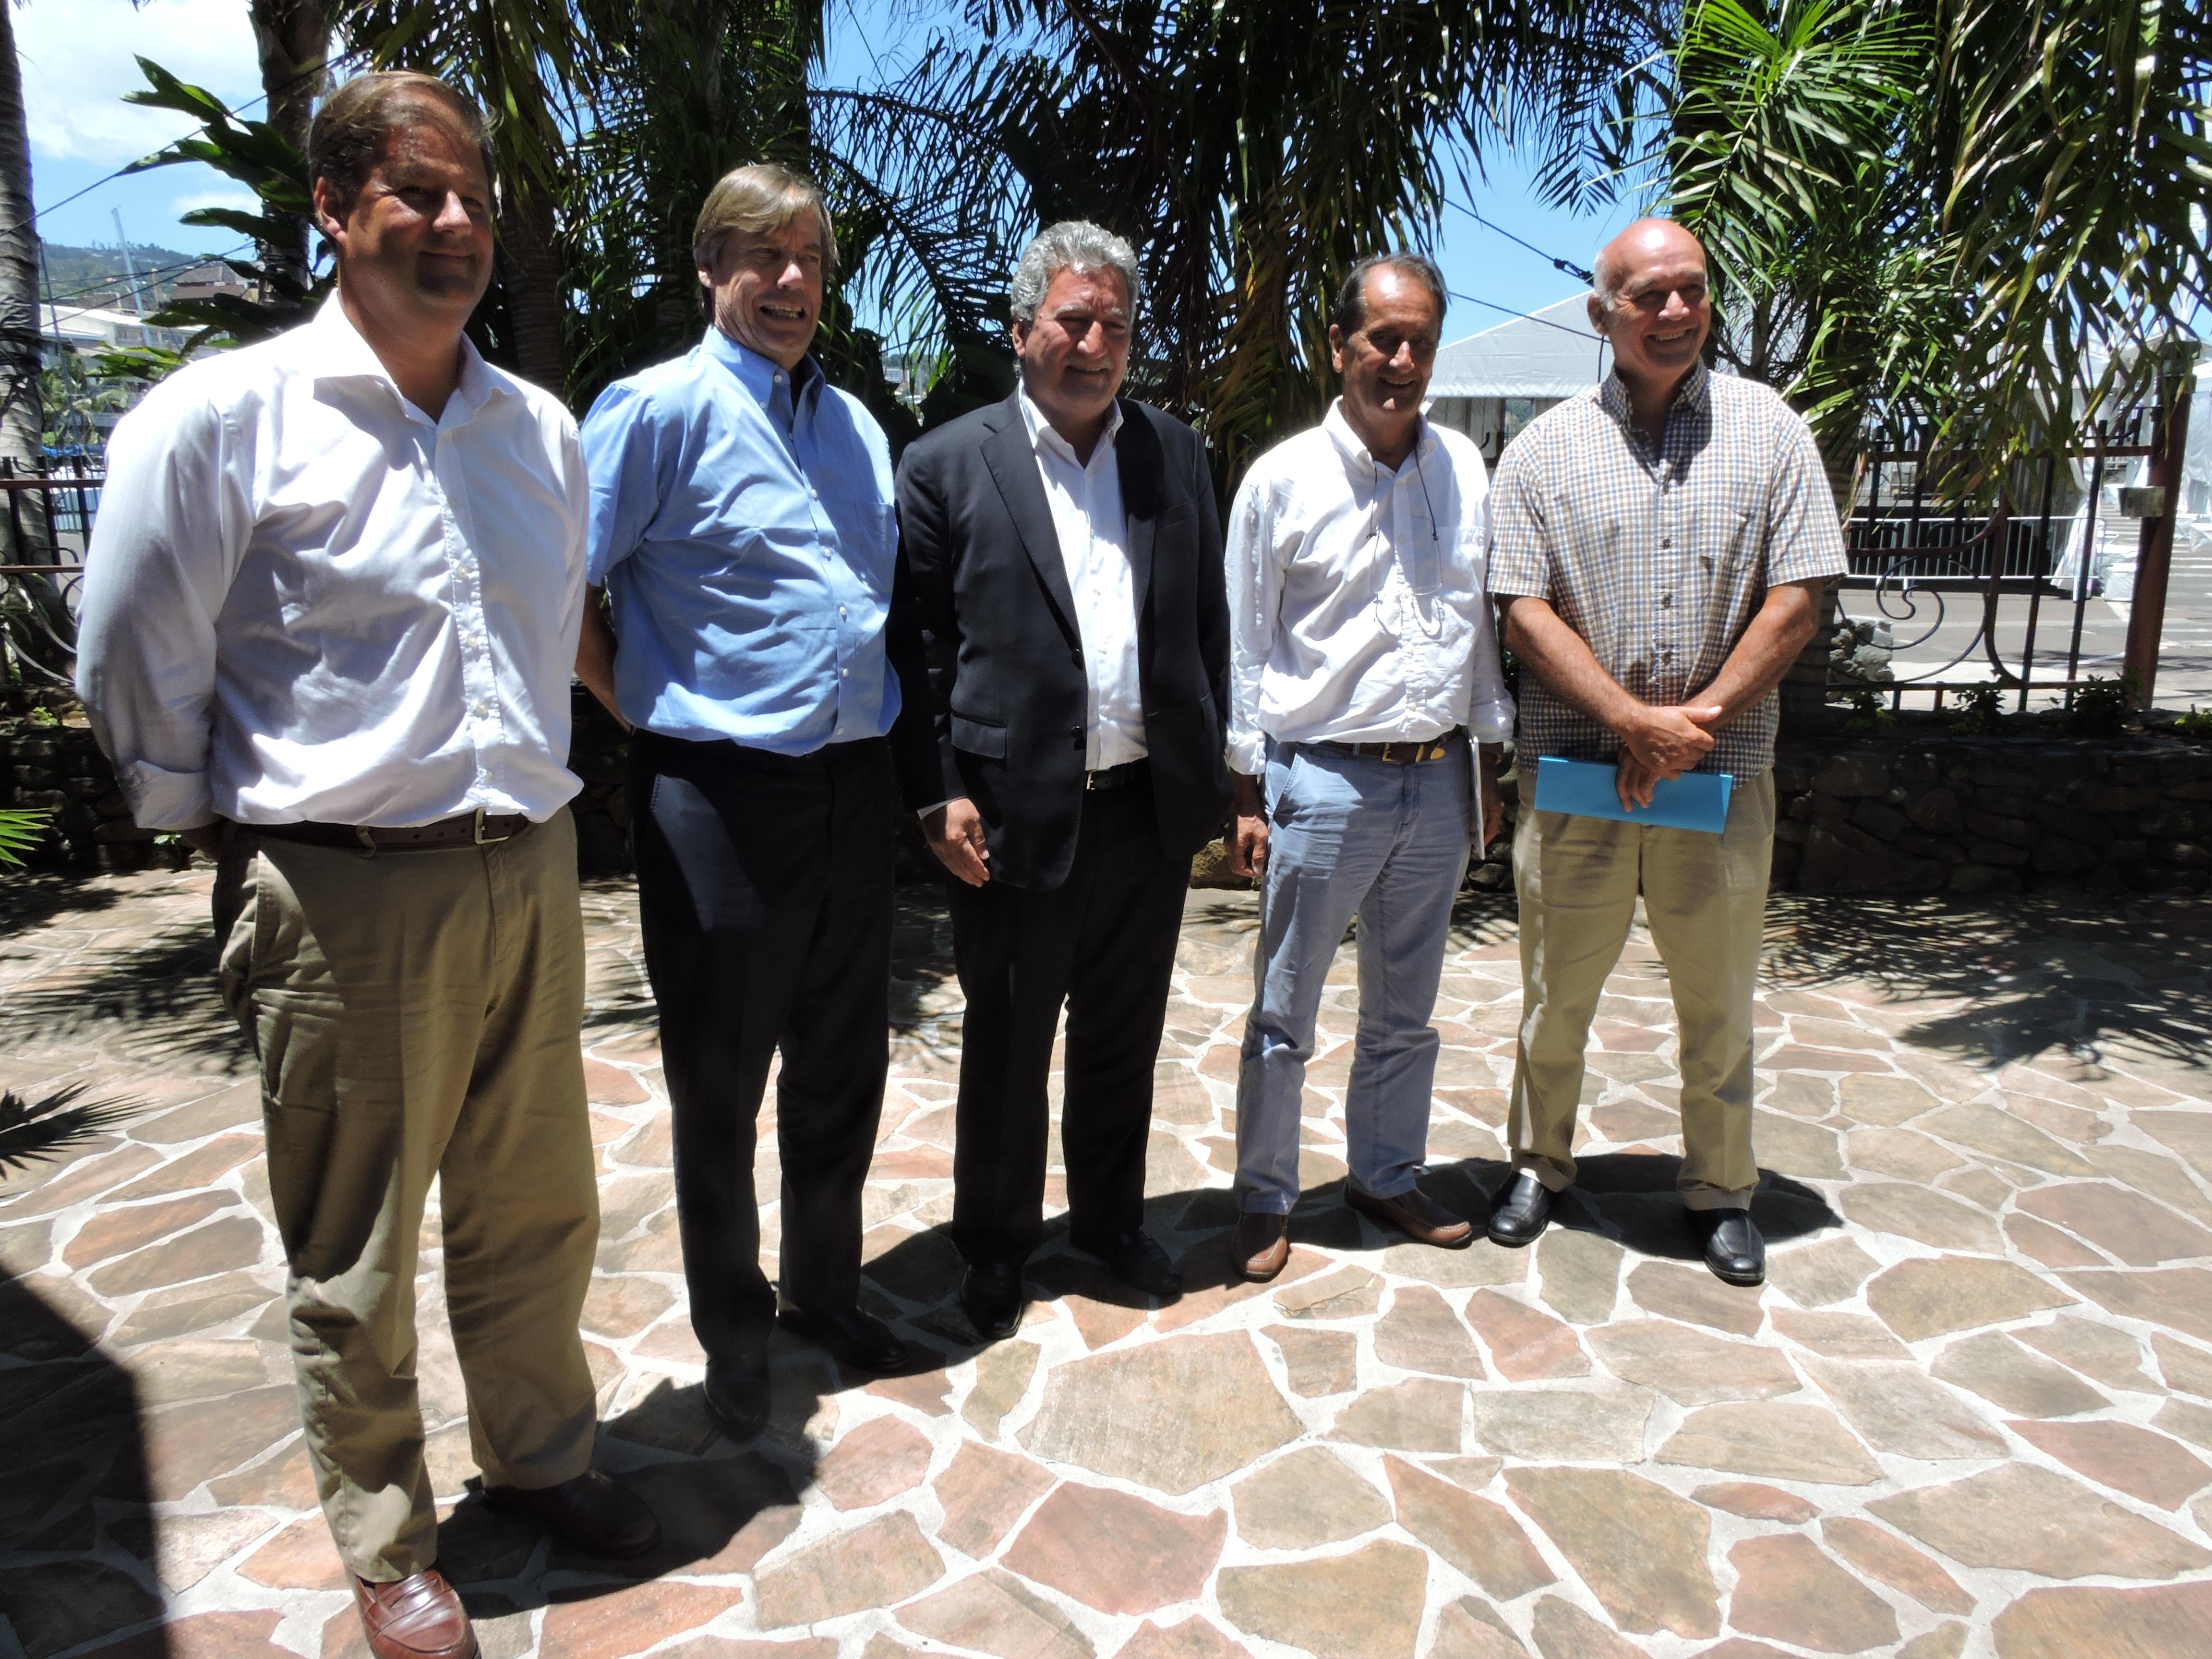 Le ministre du Tourisme Jean-Christophe Bouissou a reçu Alex Hervet, délégué régional d'Air France en Polynésie française, Marnix Fruitema, directeur général Amérique Air France/KLM, et Joël Allain, le P-dg d'Air Tahiti.